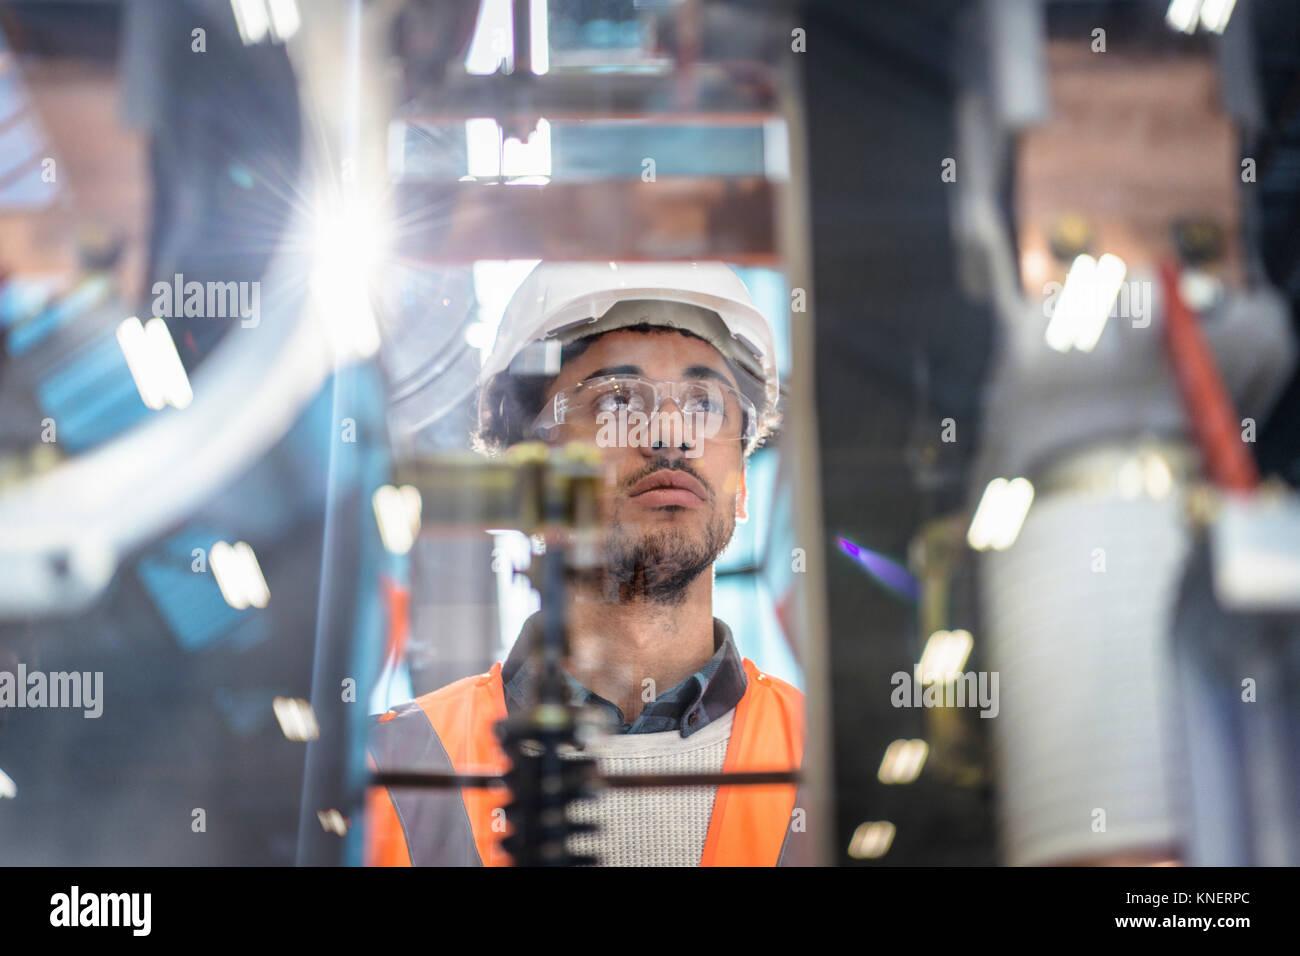 Porträt der Lehrling in der Werkstatt von Railway Engineering Facility Stockbild